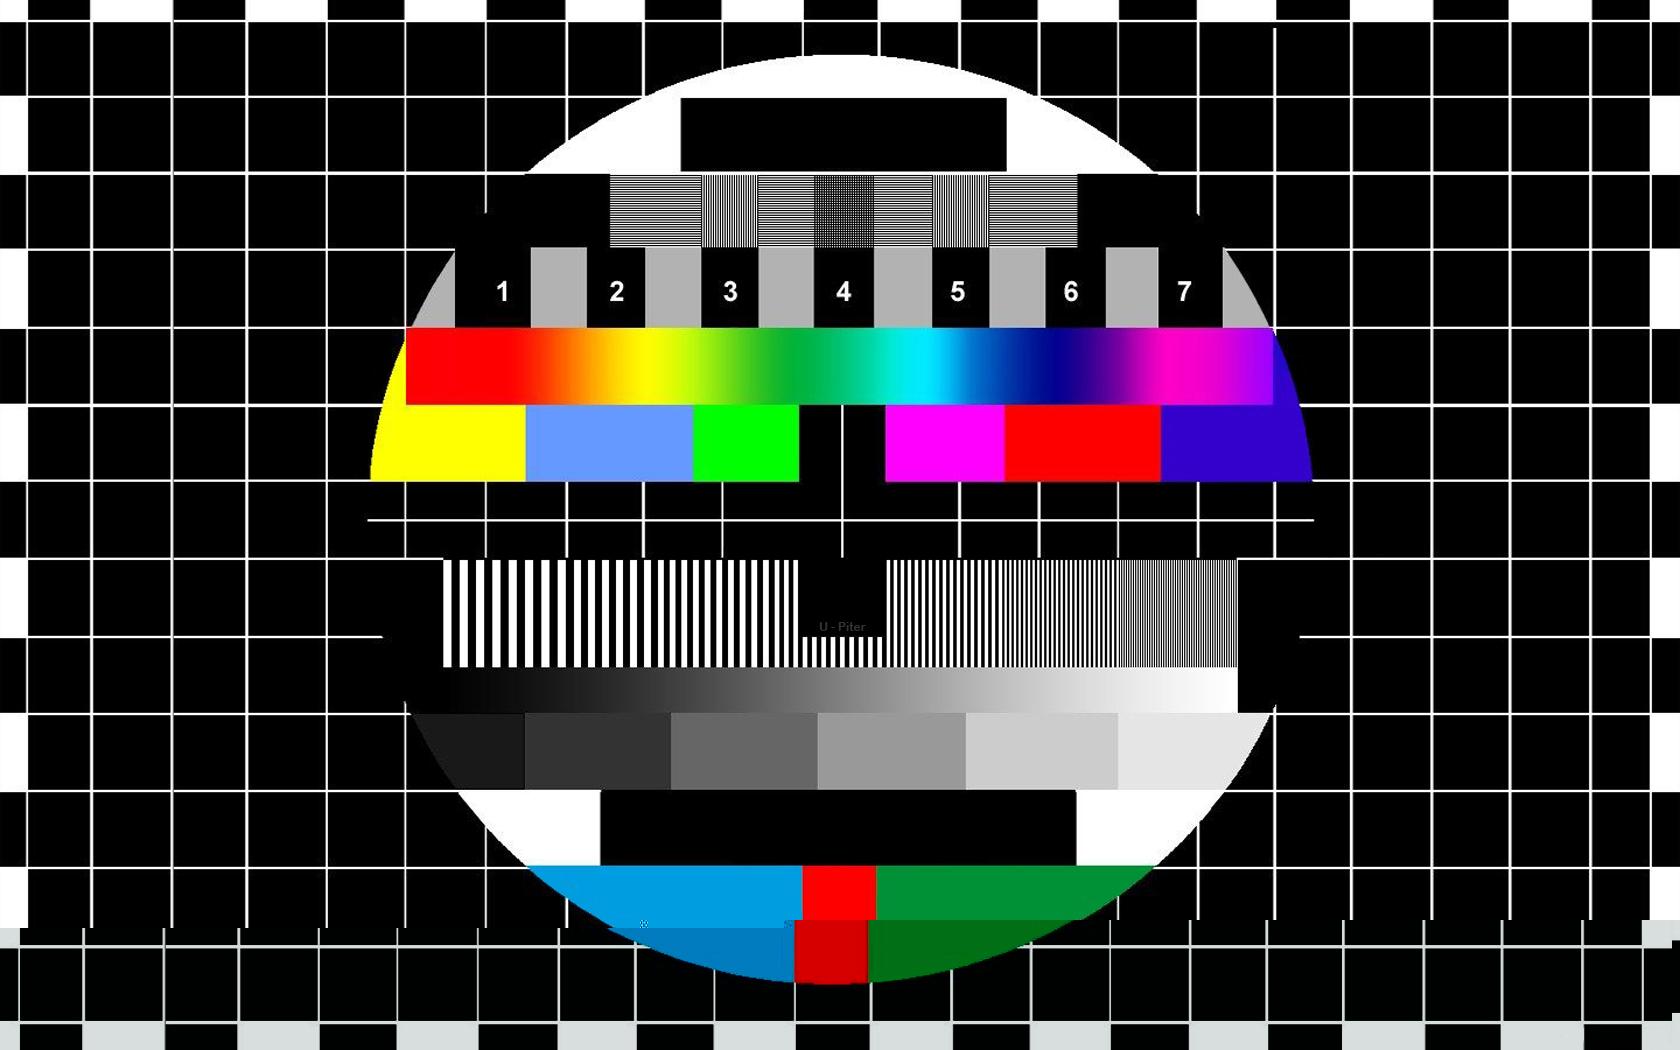 午夜过后,电视节目放完后屏幕出现的这个图片是什么?